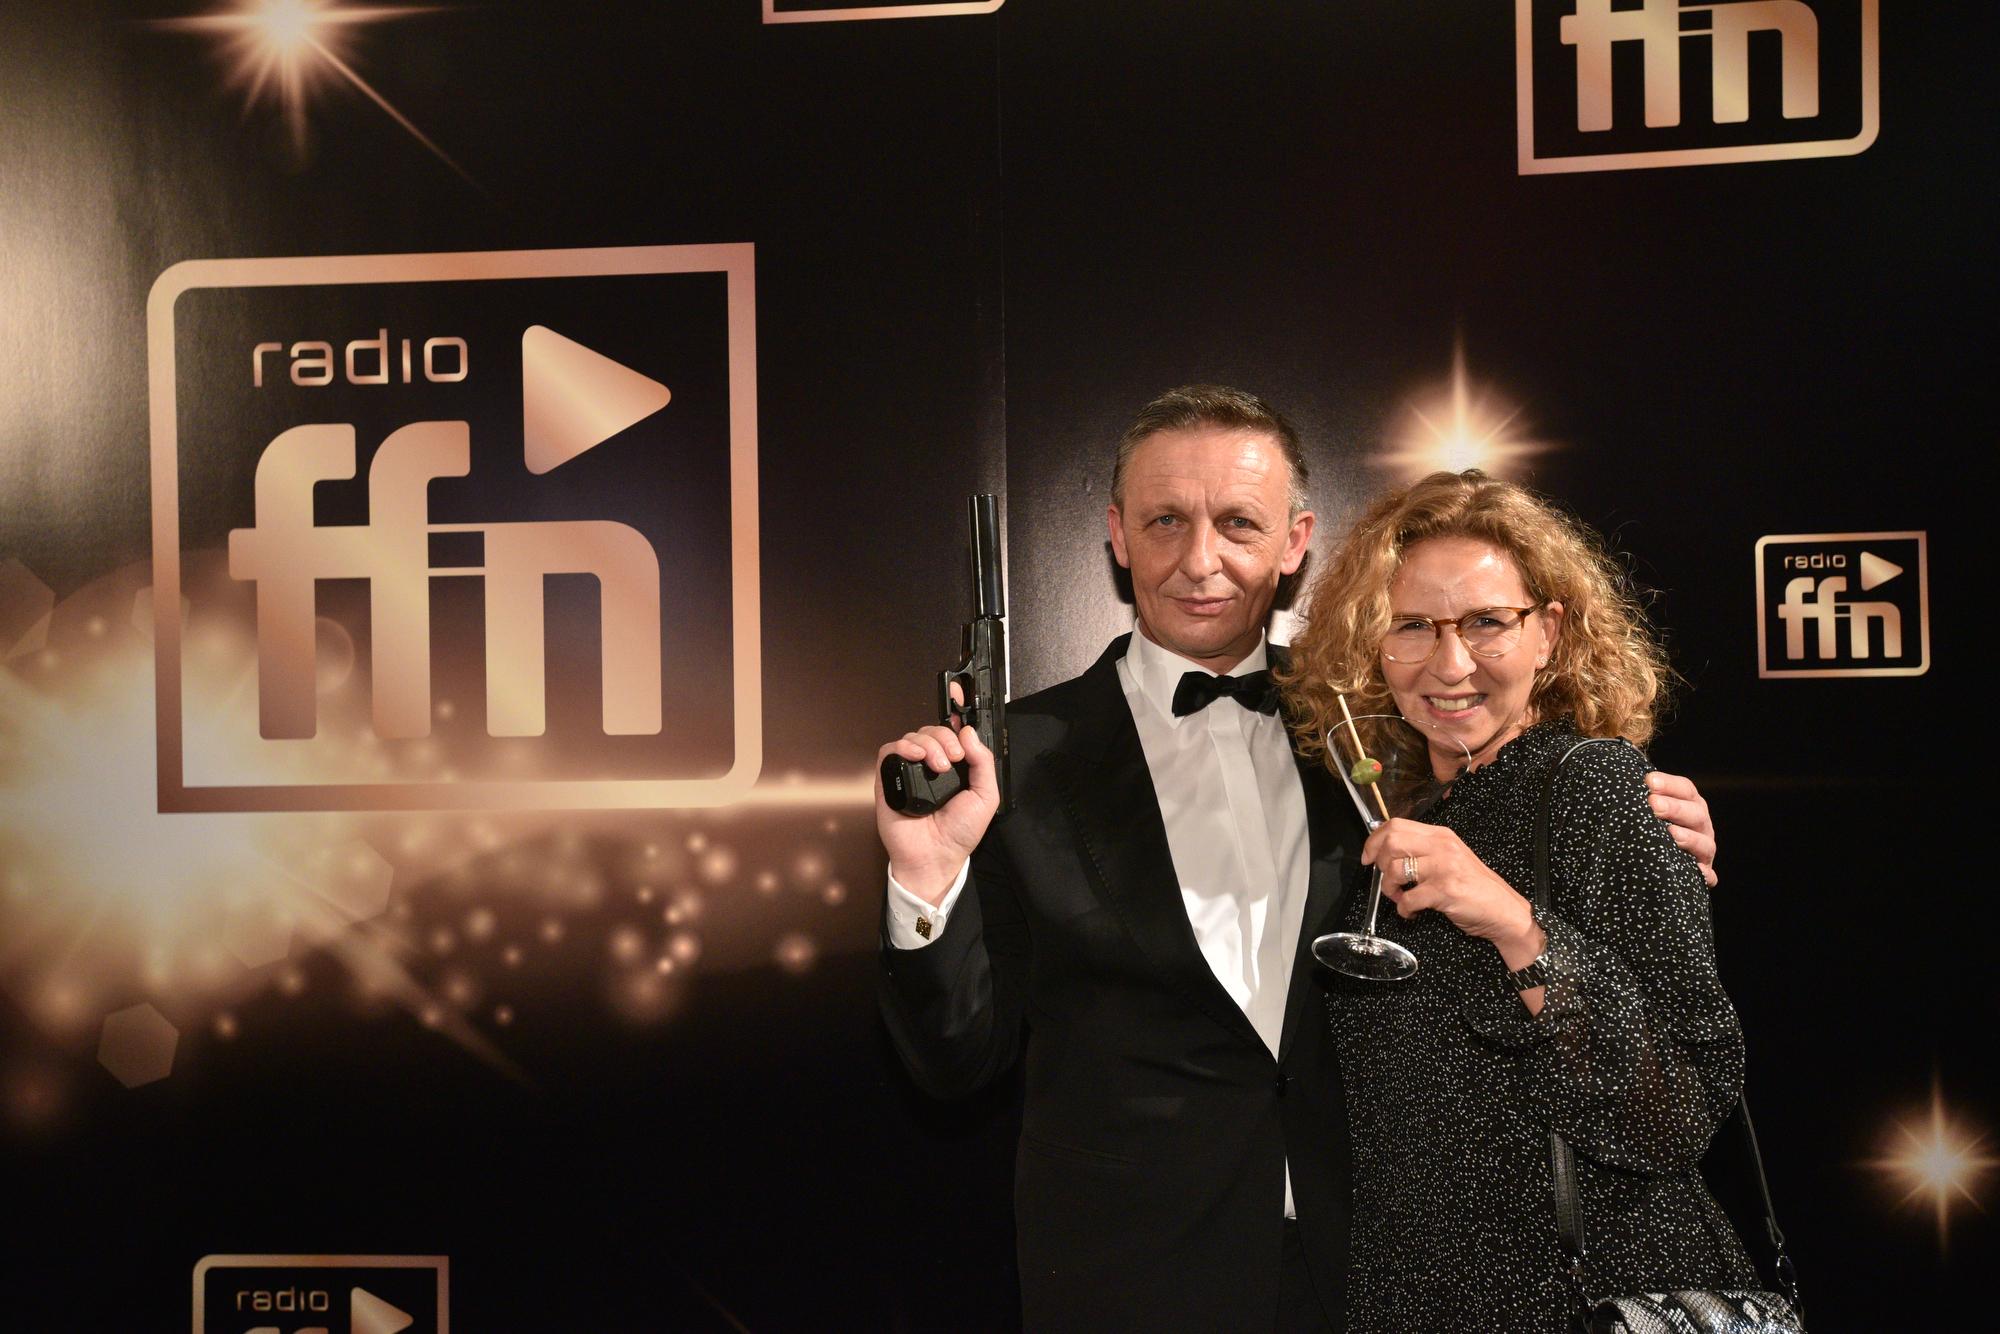 James Bond; Marianne Bullwinkel, Sprecherin der GF, RMS (Bild: ©ARP/SCHEFFE)